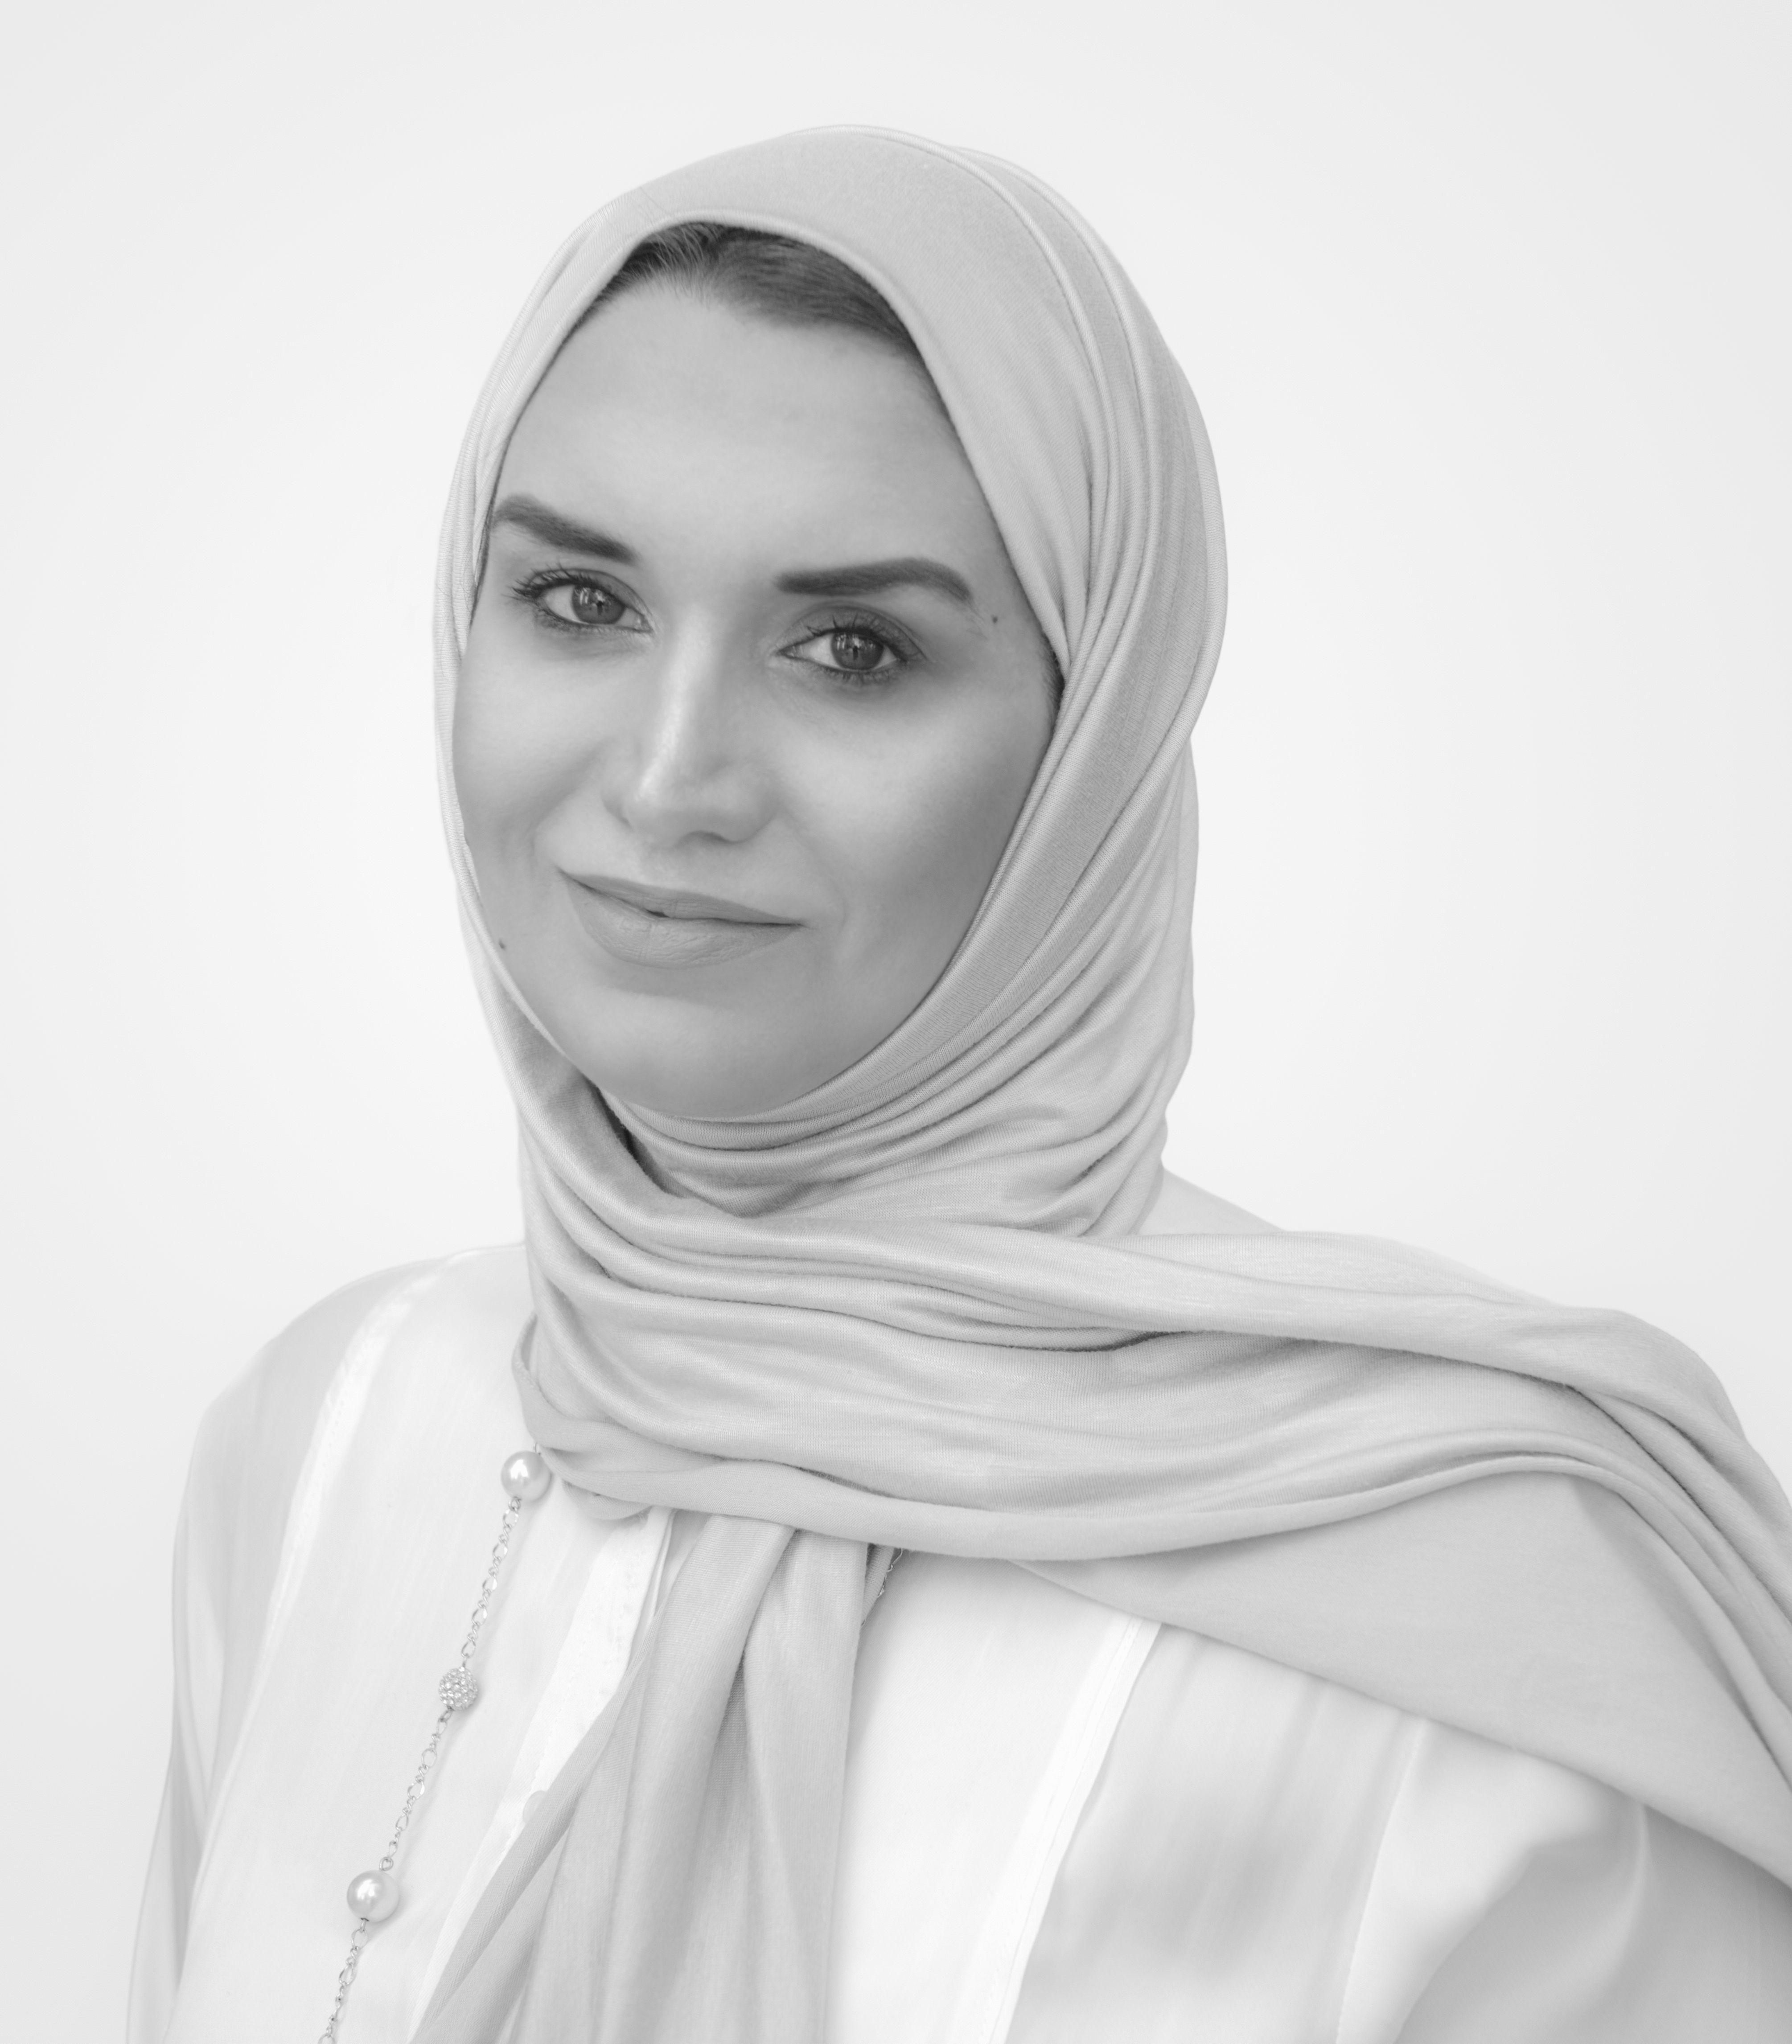 إيمان عبدالرحيم Headshot